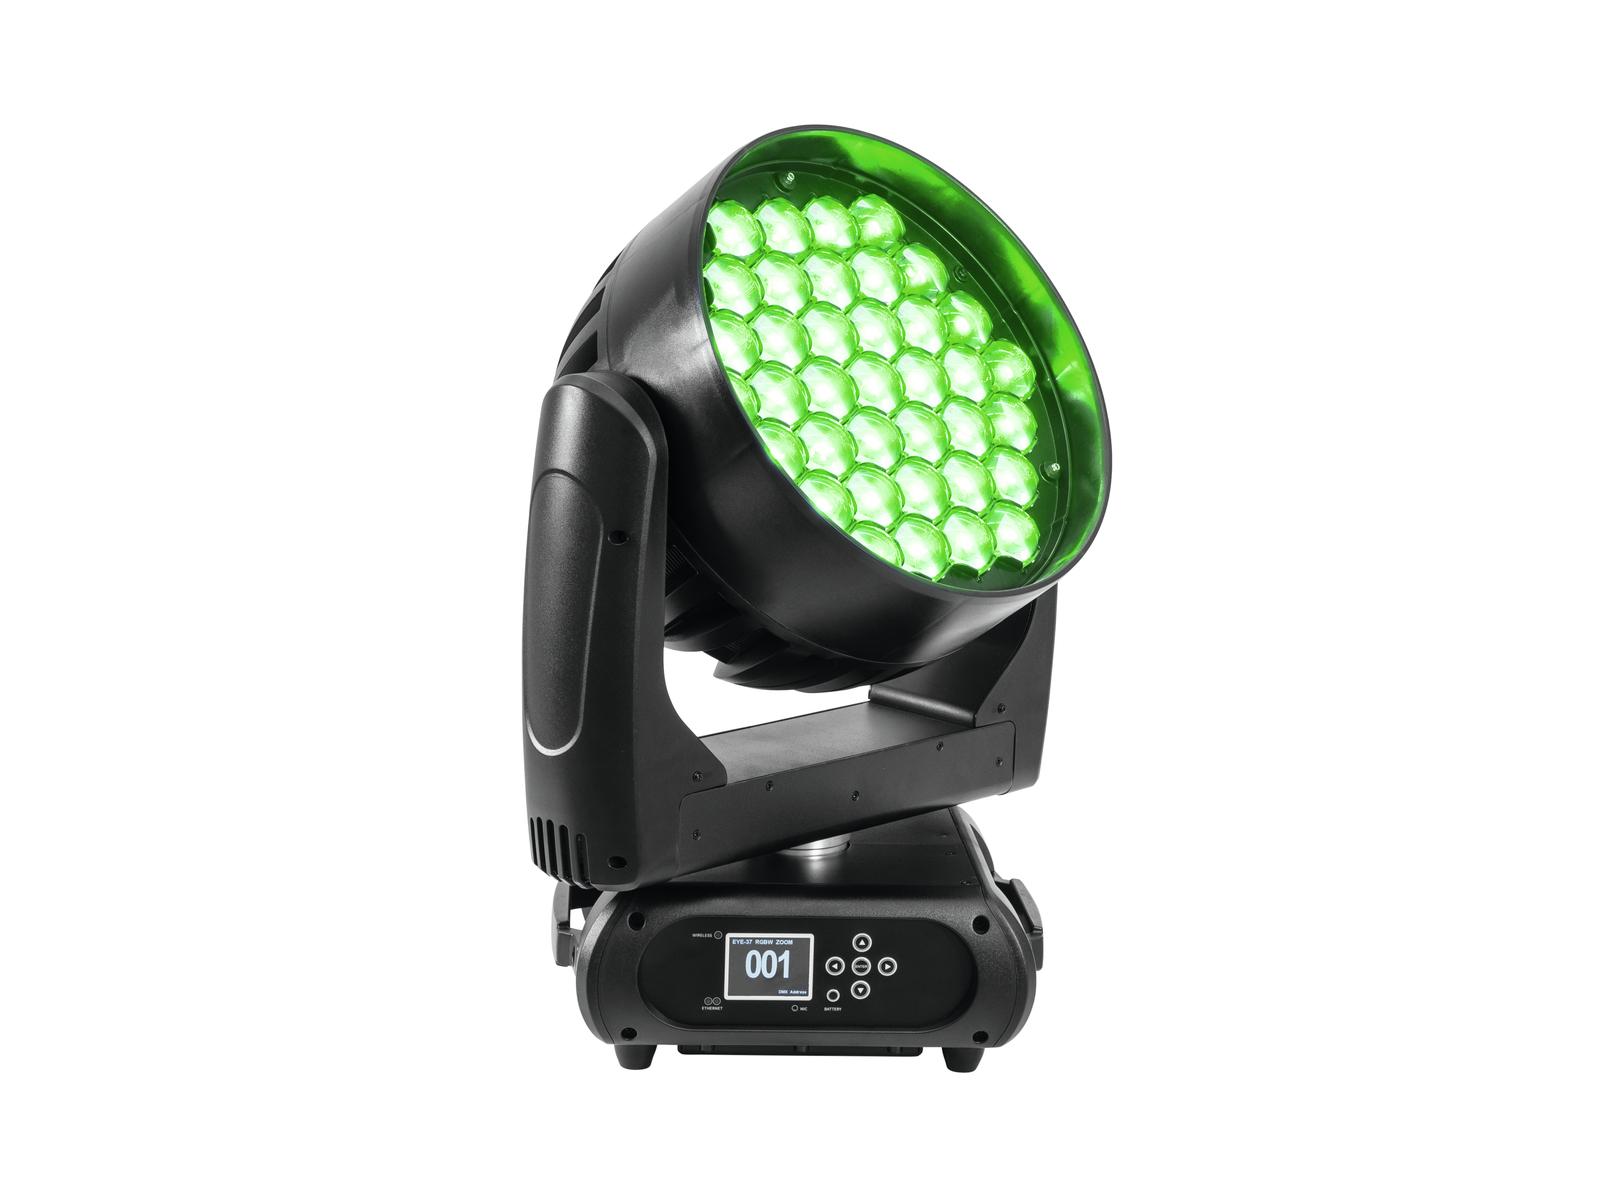 FUTURELIGHT EYE-37 RGBW Zoom LED Moving-Head Wash